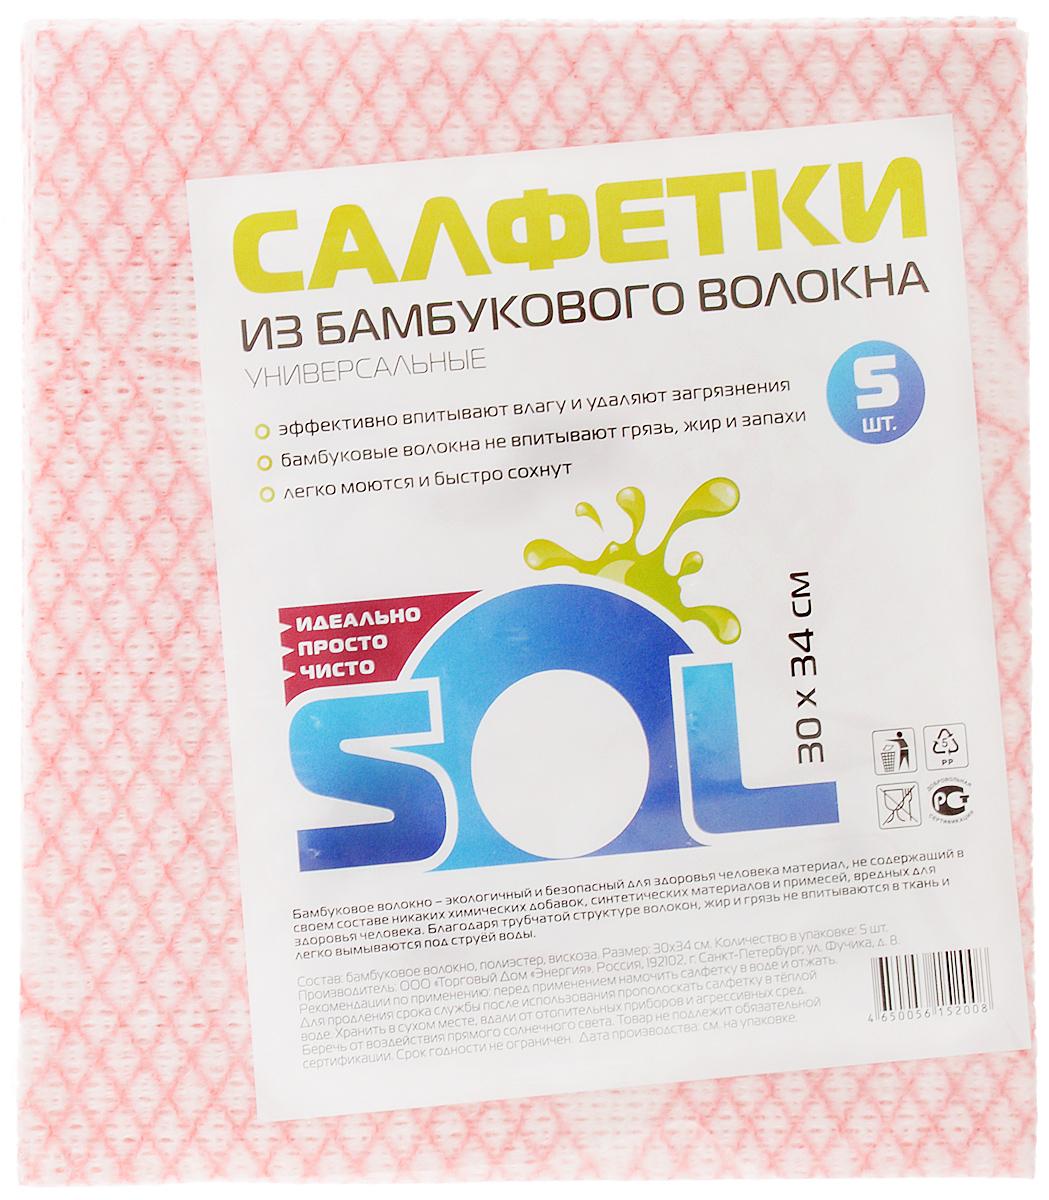 Салфетка для уборки Sol из бамбукового волокна, 30 x 34 см, 5 шт8137431_черный, красныйСалфетки Sol, выполненные из бамбукового волокна, вискозы и полиэстера, предназначены для уборки. бамбуковое волокно - экологичный и безопасный для здоровья человека материал, не содержащий в своем составе никаких химический добавок, синтетических материалов и примесей. Благодаря трубчатой структуре волокон, жир и грязь не впитываются в тканьлегко вымываются обычной водой.Рекомендации по уходу:Бамбуковые салфетки не требуют особого ухода. После каждого использования их рекомендуется промыть под струей воды и просушить. Периодически рекомендуется простирывать салфетки мылом. Не следует стирать их с порошками, а также специальными очистителями или бытовыми моющими средствами. Кроме того не рекомендуется сушить салфетки на батарее.